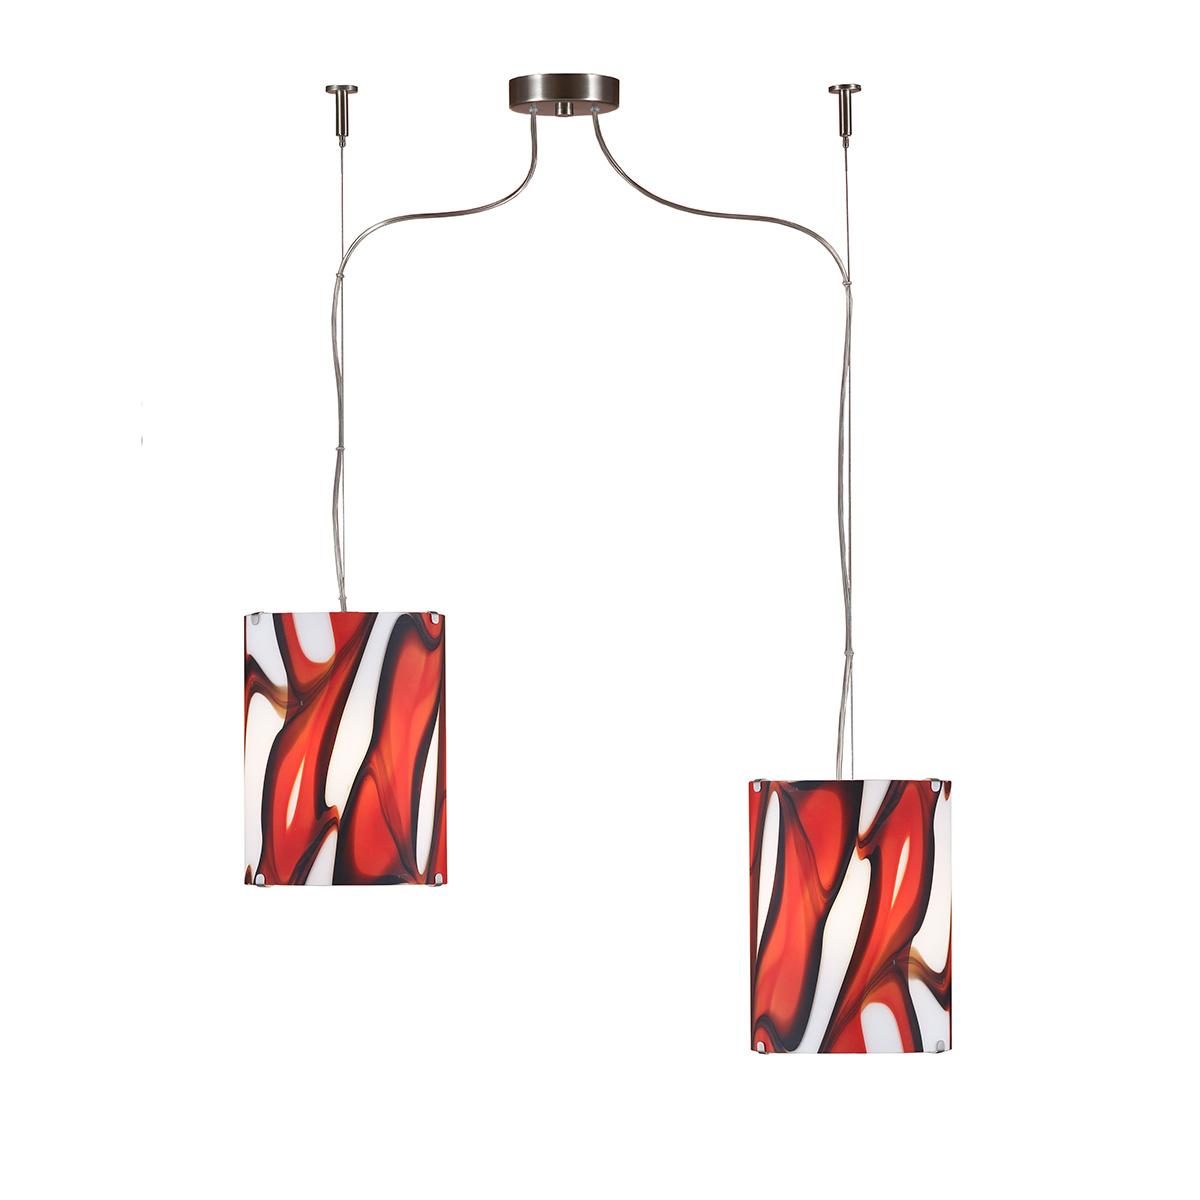 Μοντέρνα μονόφωτα COLORE modern suspension lamps